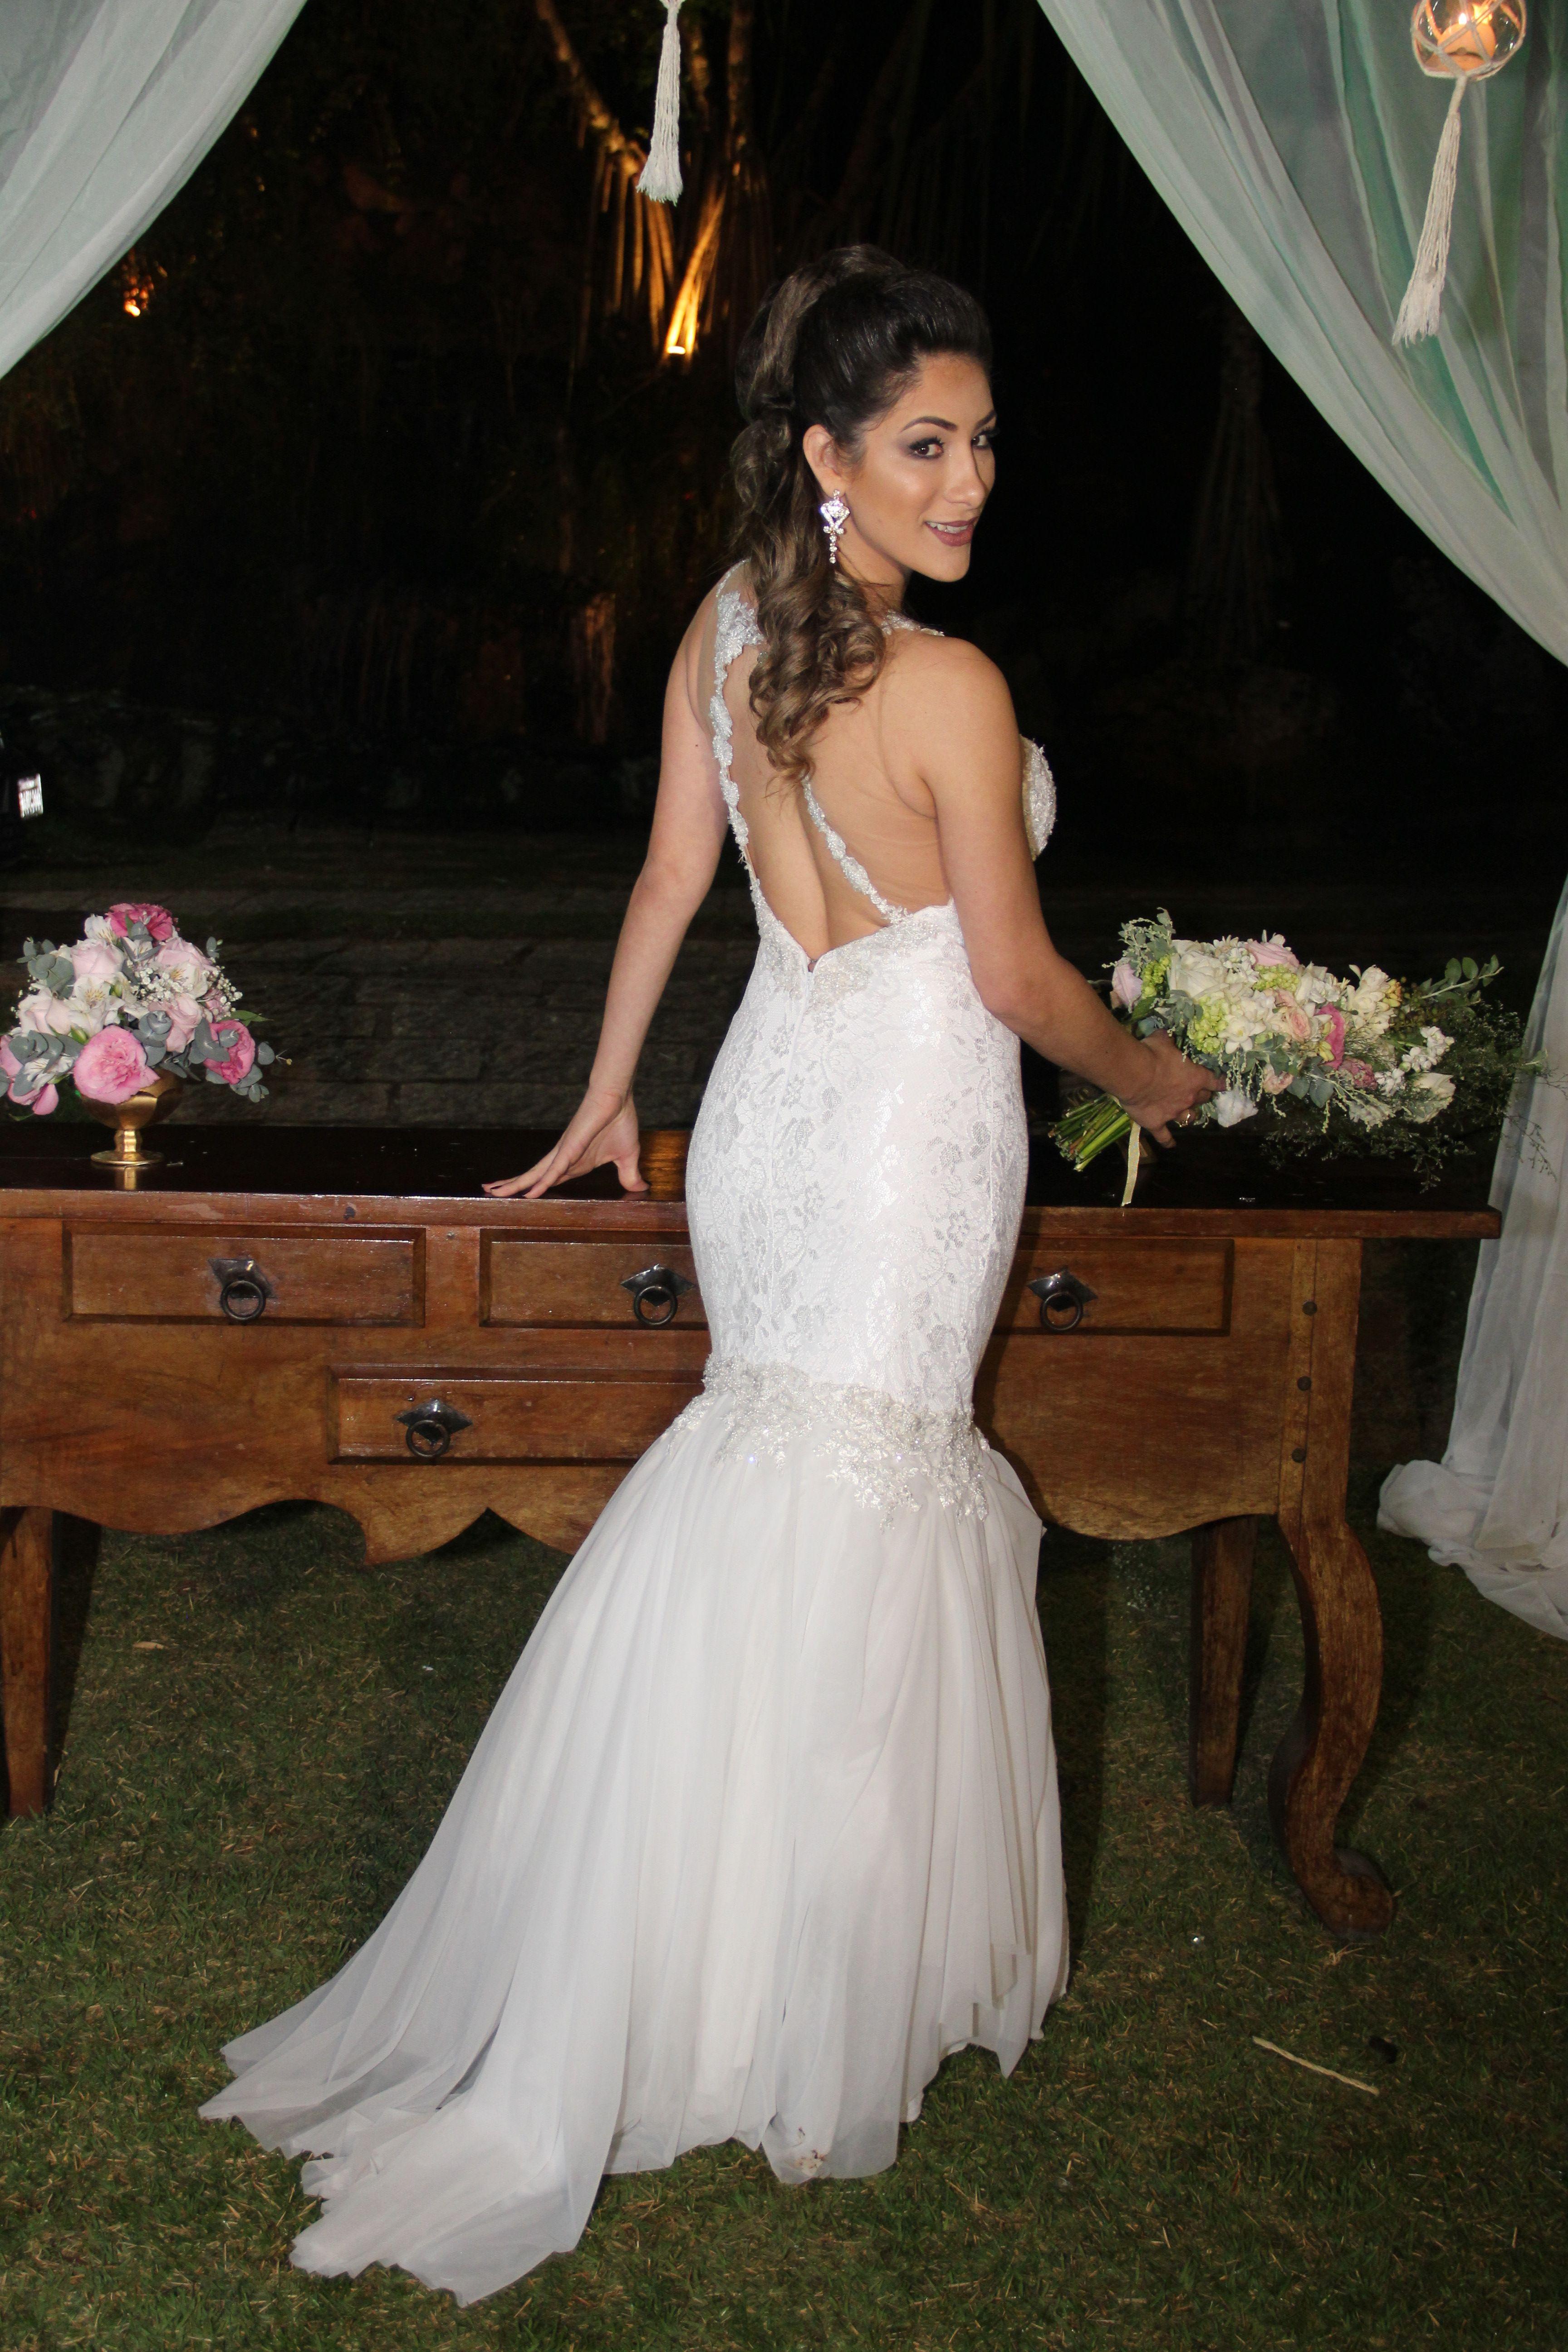 Vestido de Noiva Sereia com a Saia em Camadas e Decote nas Costas.